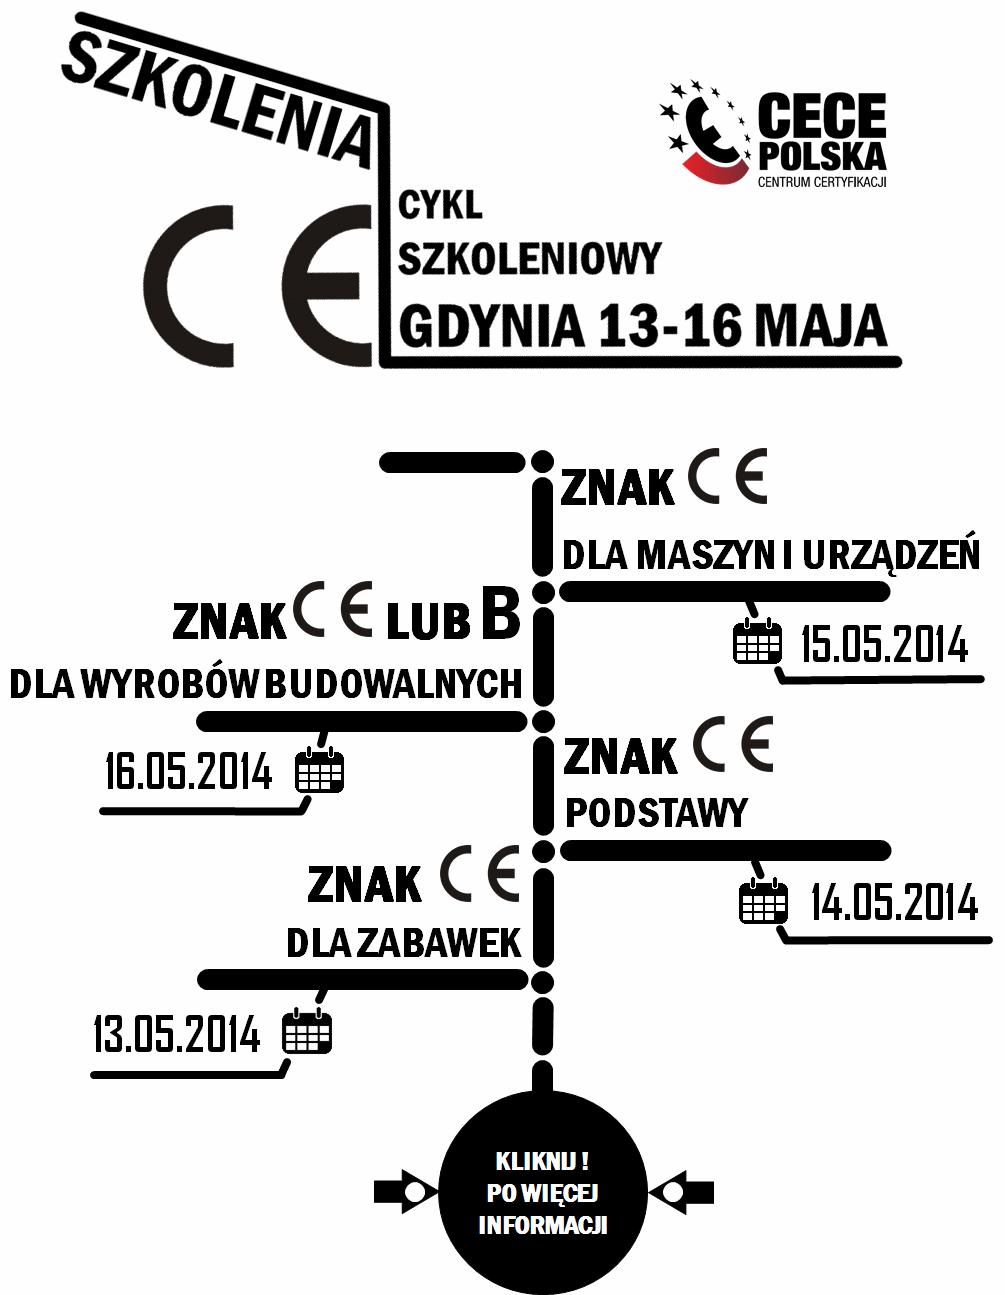 SZKOLENIE CE - GDYNIA - maj 2014